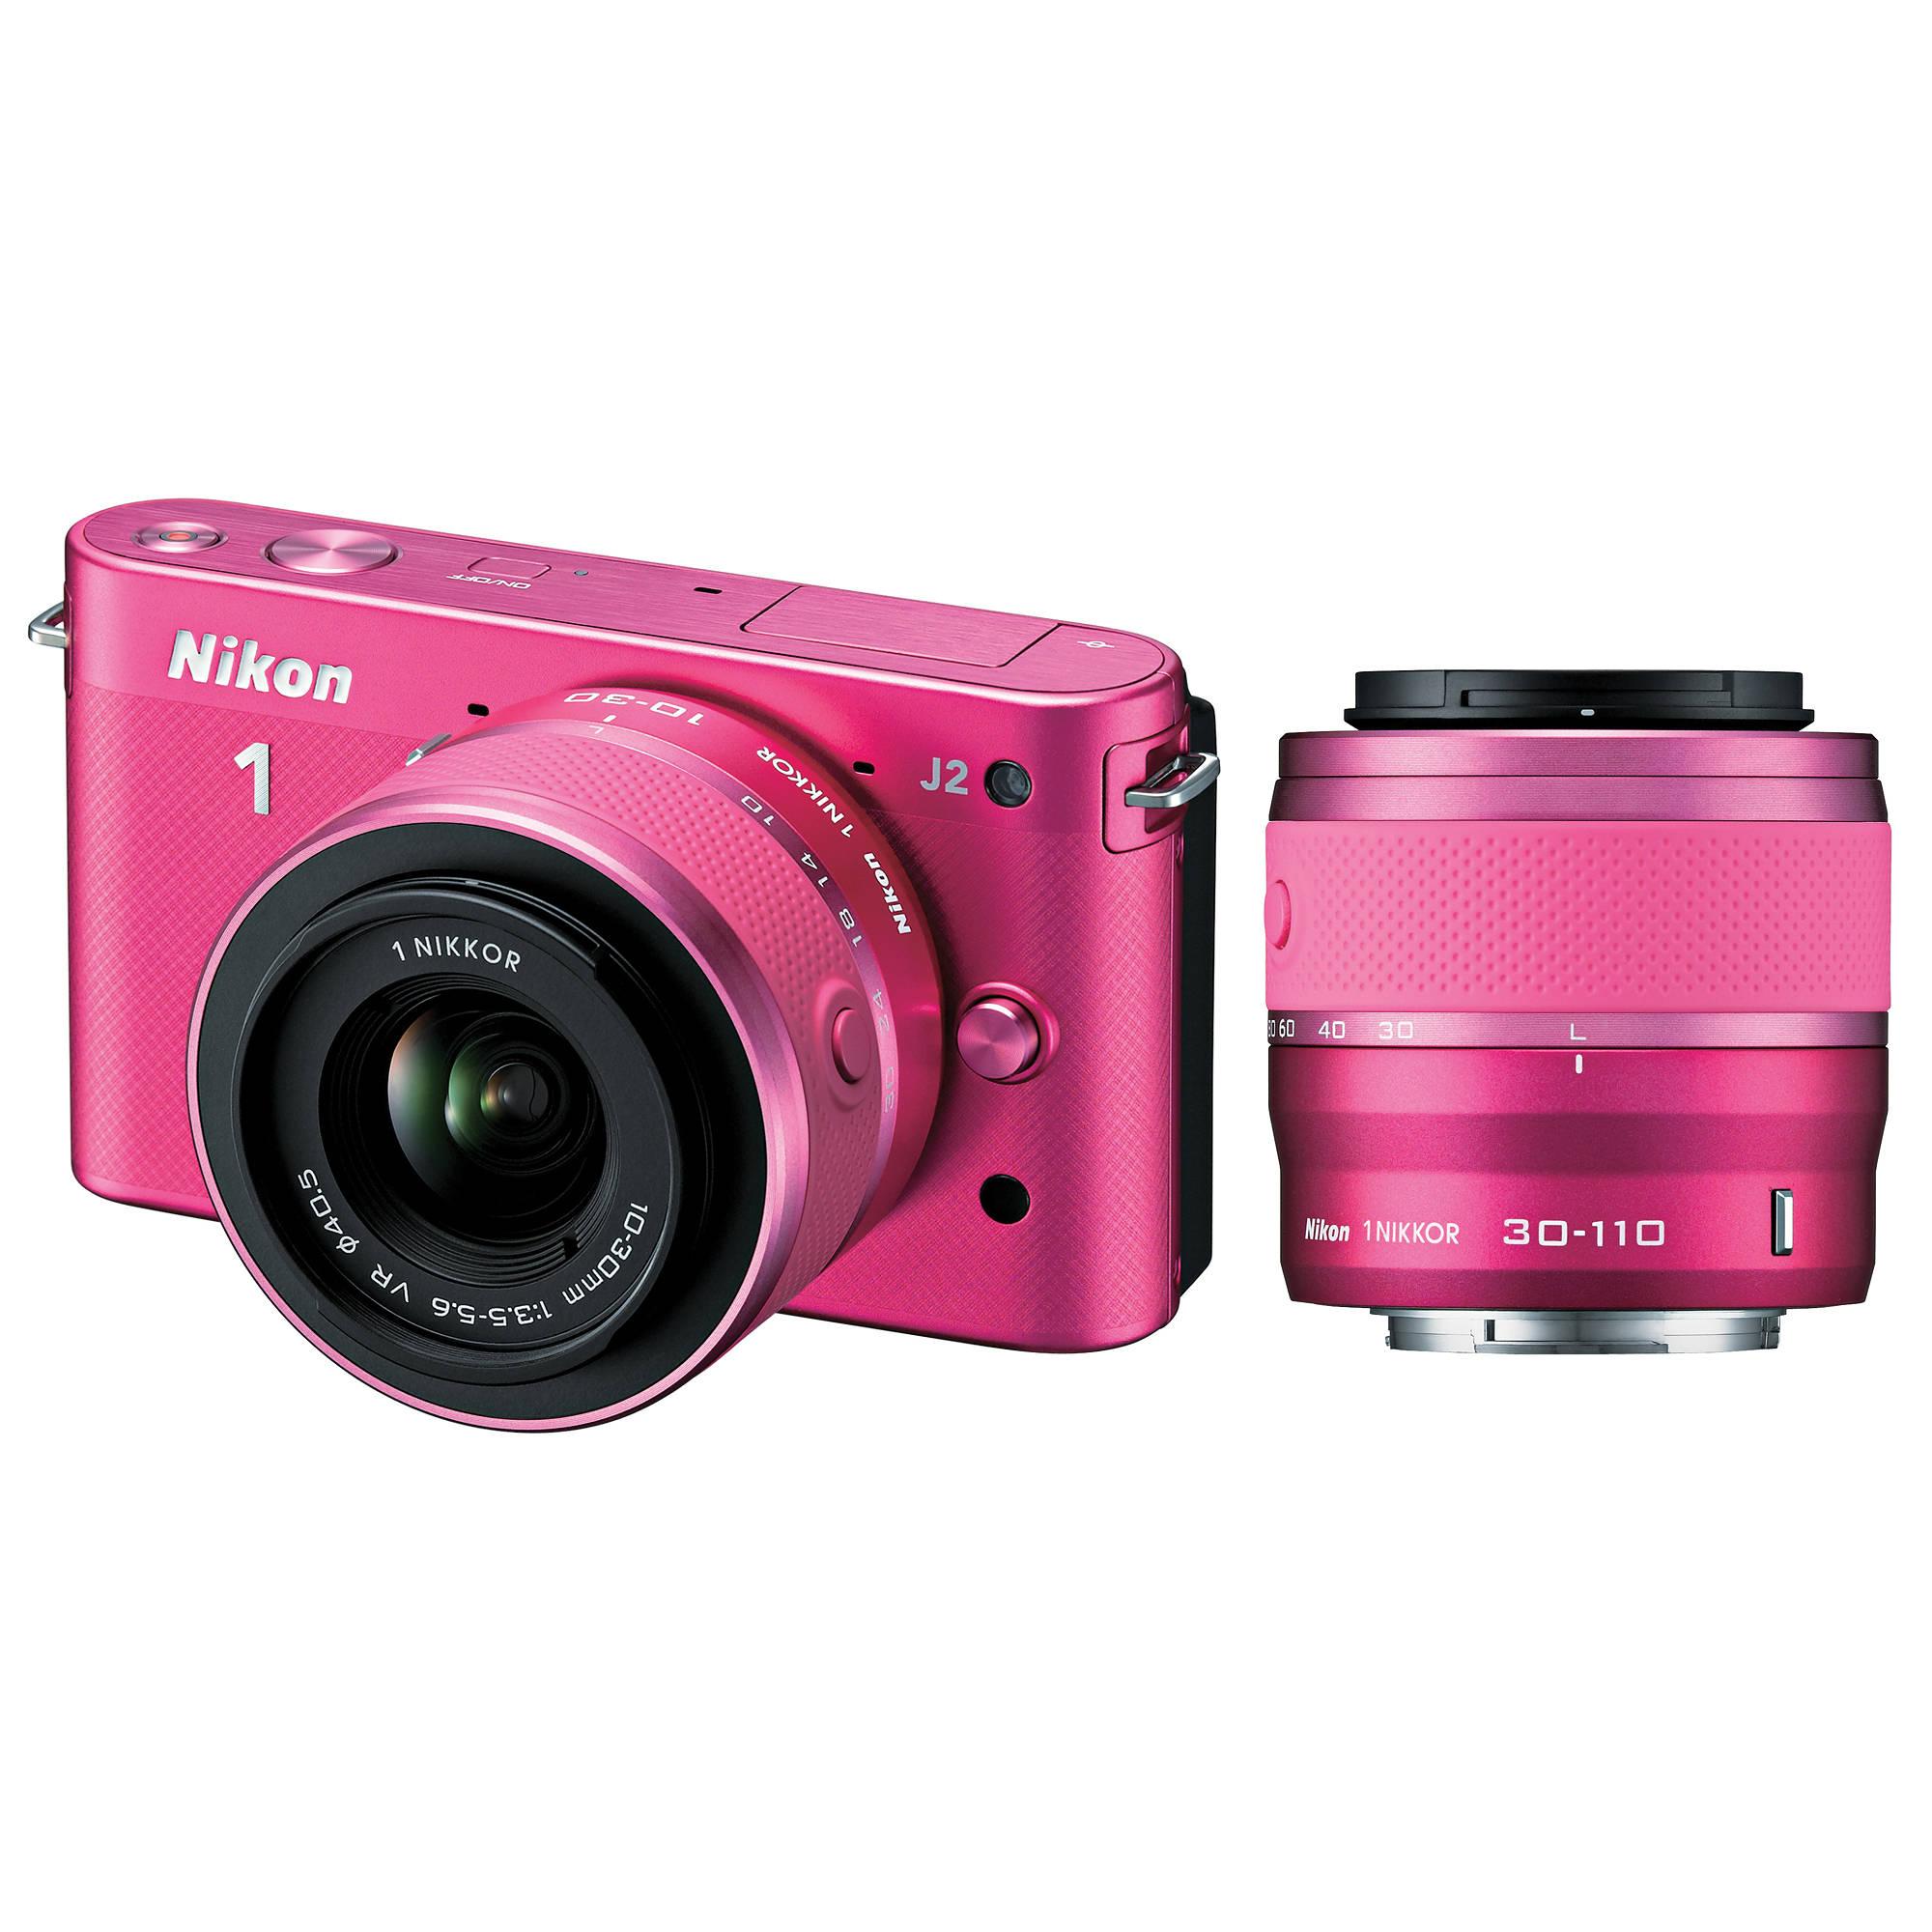 Drivers Nikon 1 J2 Digital Camera